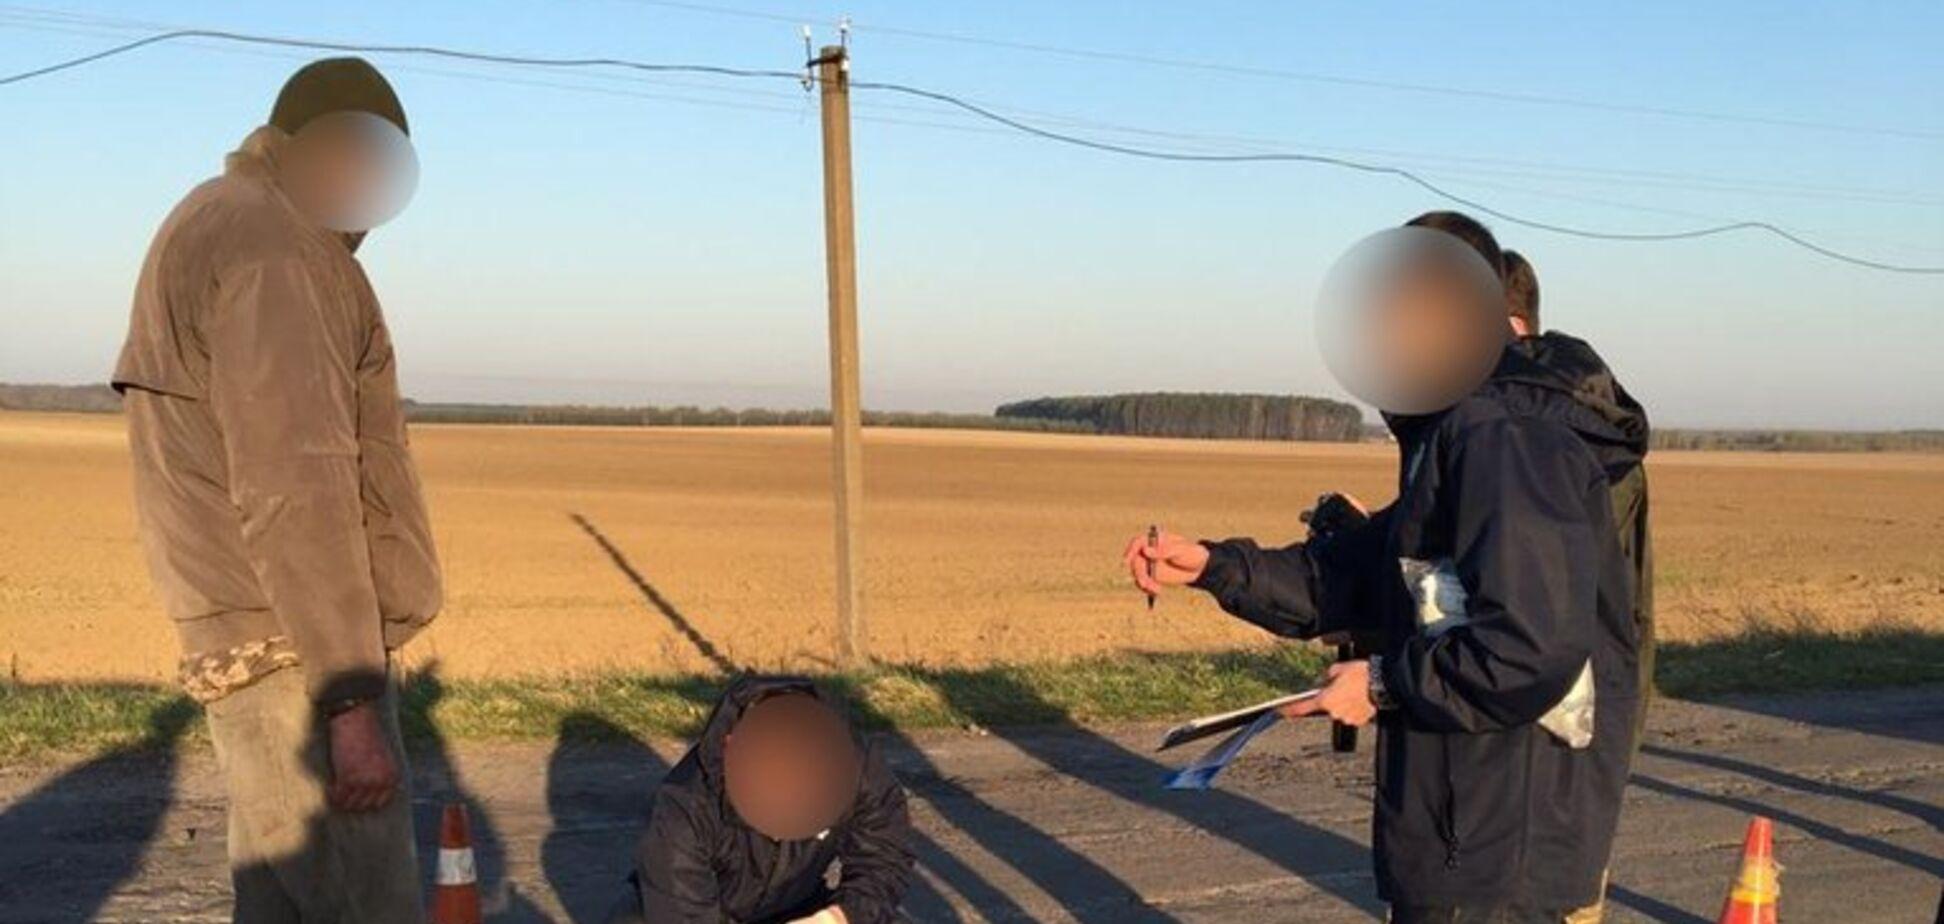 Задержан сбежавший с автоматом дезертир ВСУ: опубликовано фото